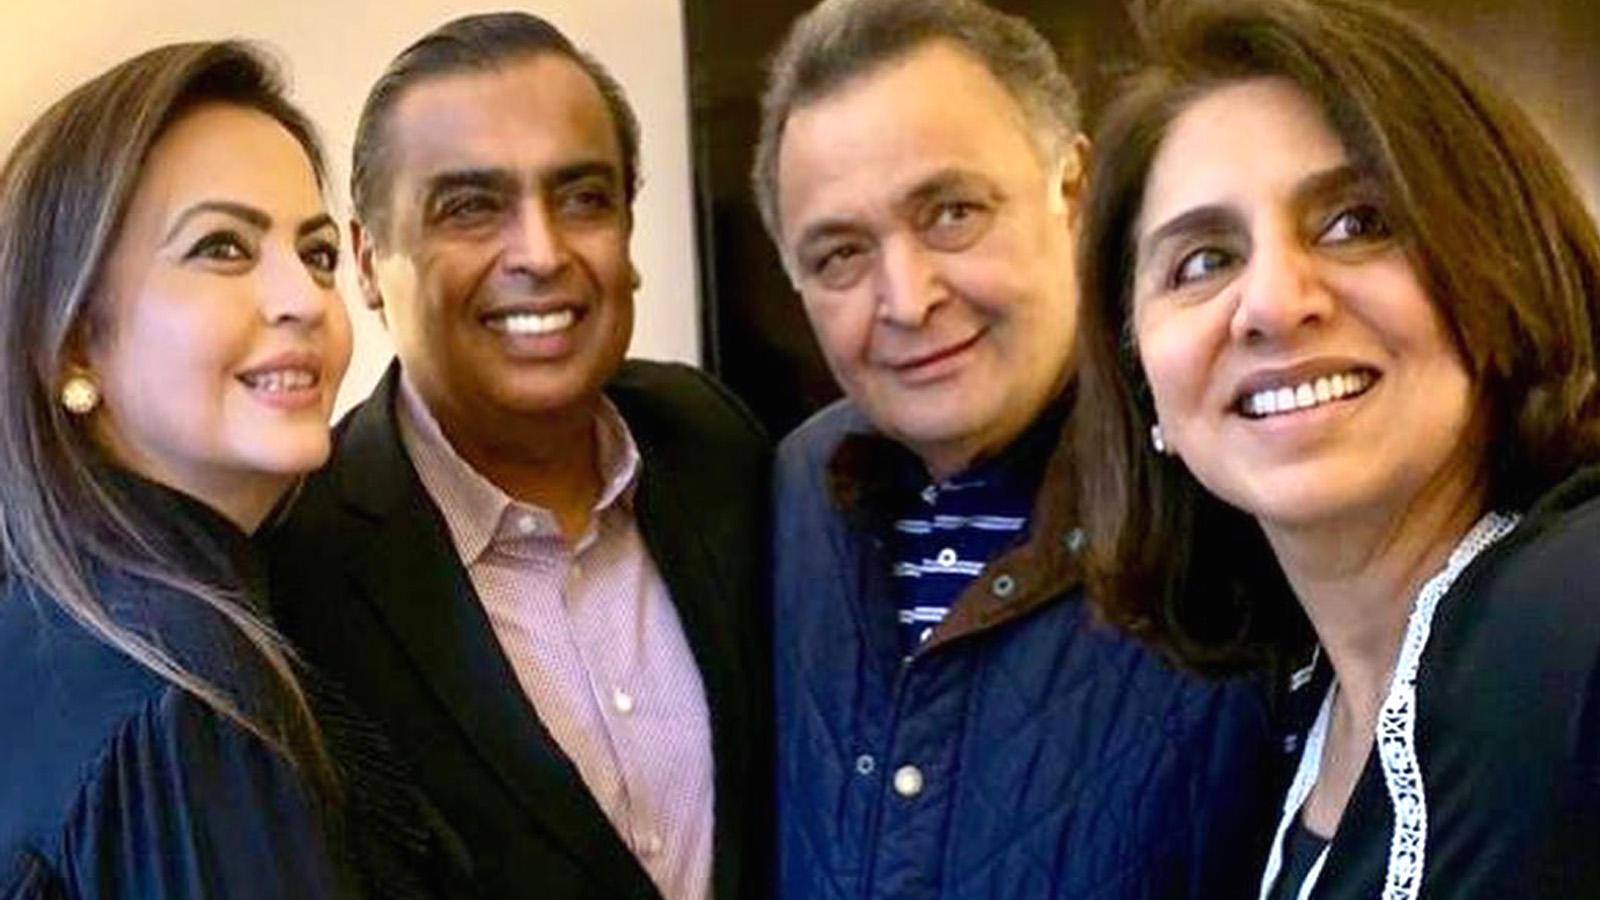 Nita Ambani and Mukesh Ambani visit Rishi and Neetu Kapoor